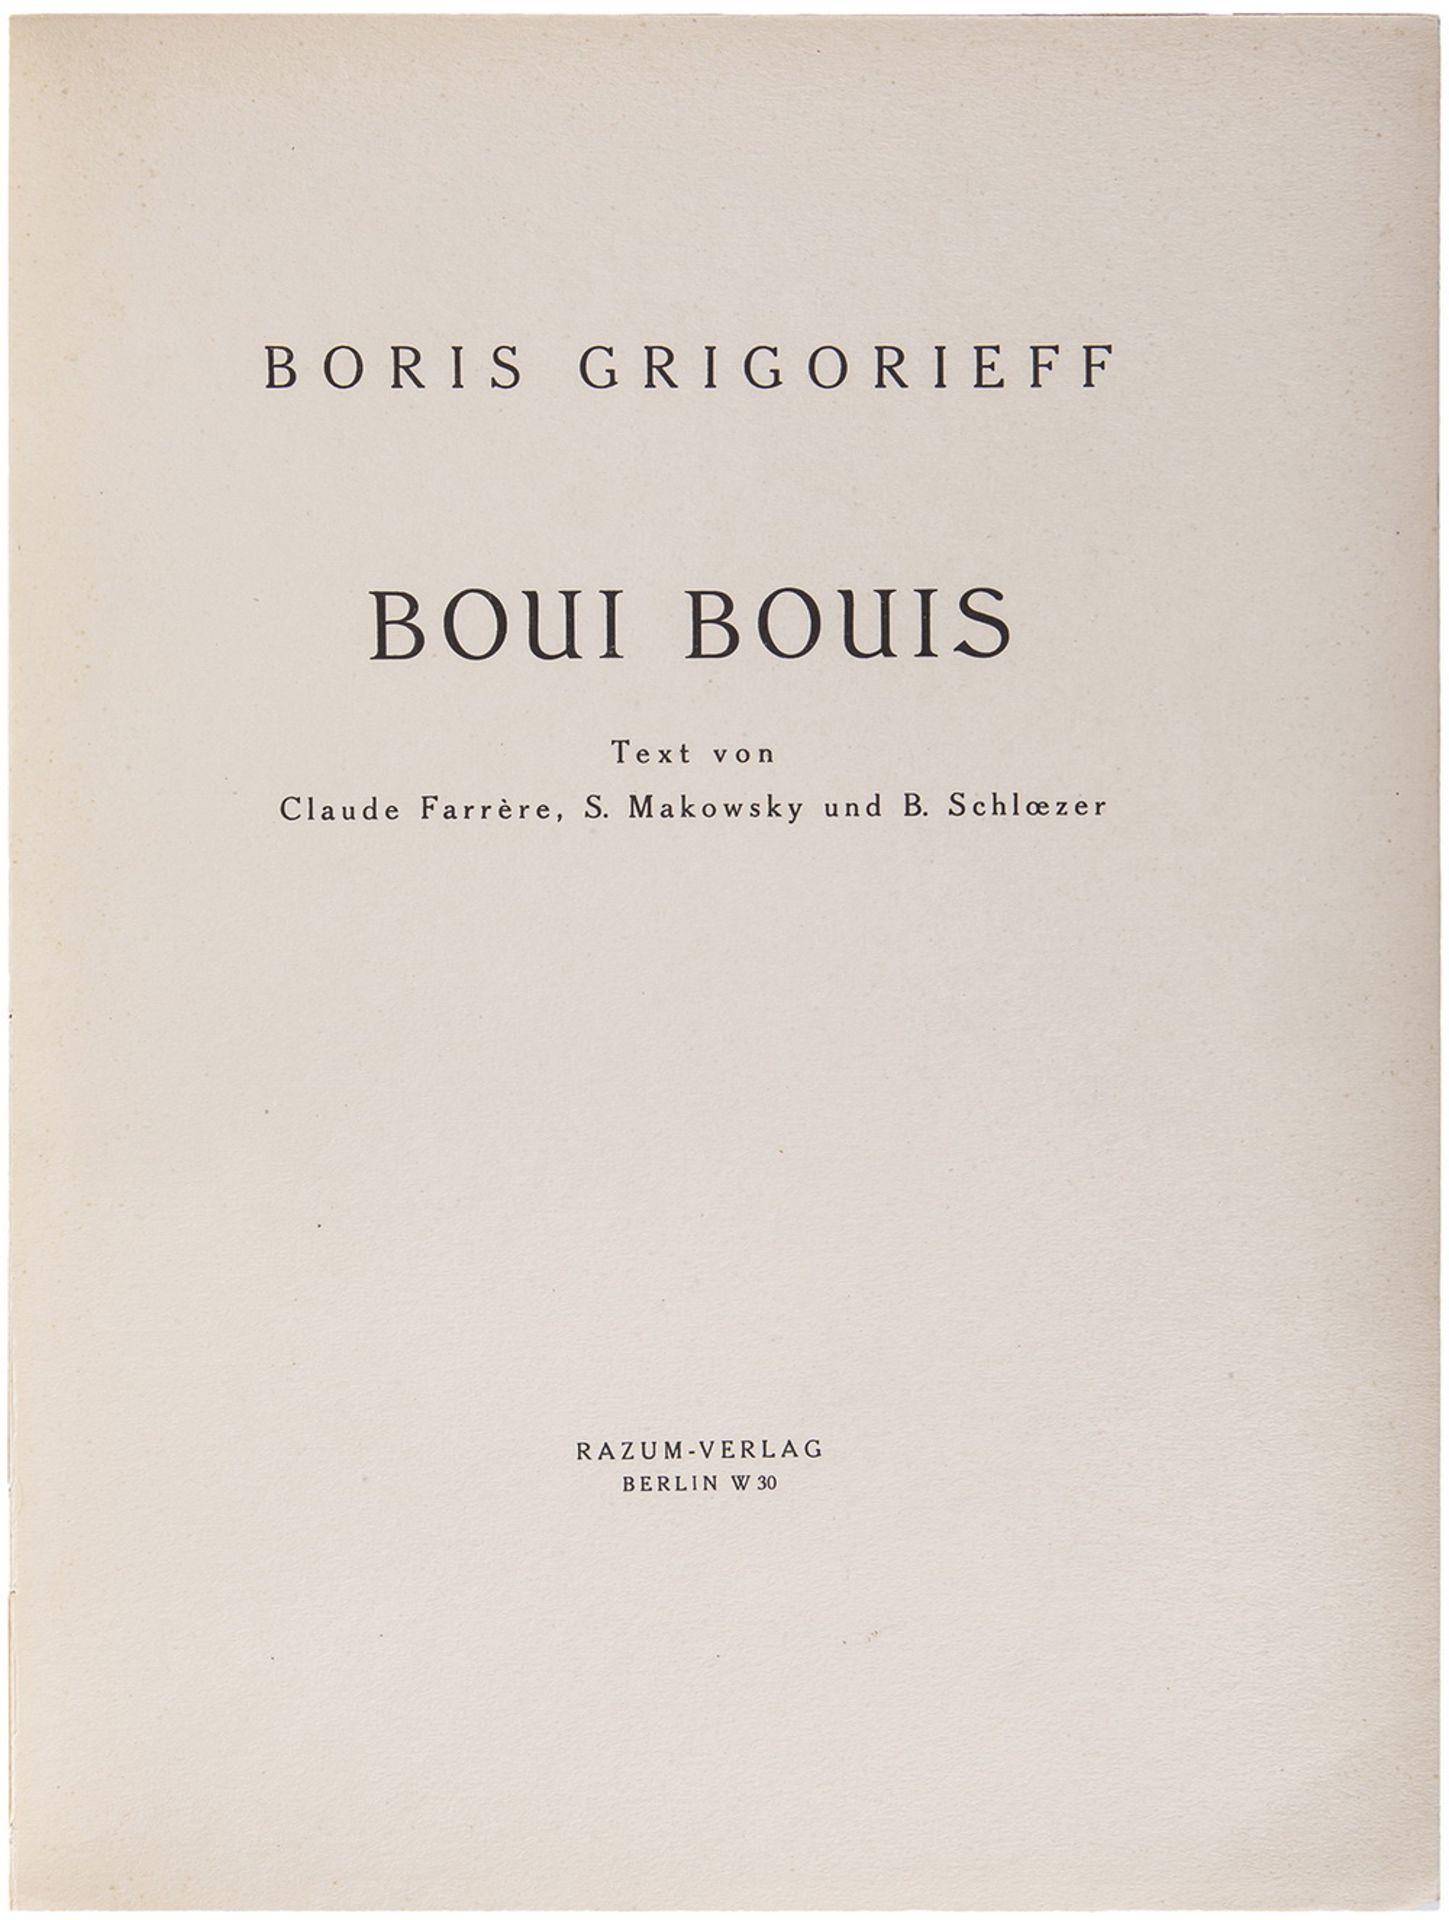 Grigorieff, B. Boui Bouis / Boris Grigorieff; text von Claude Farrere, S. Makowsky und B. Schloezer. - Bild 3 aus 5